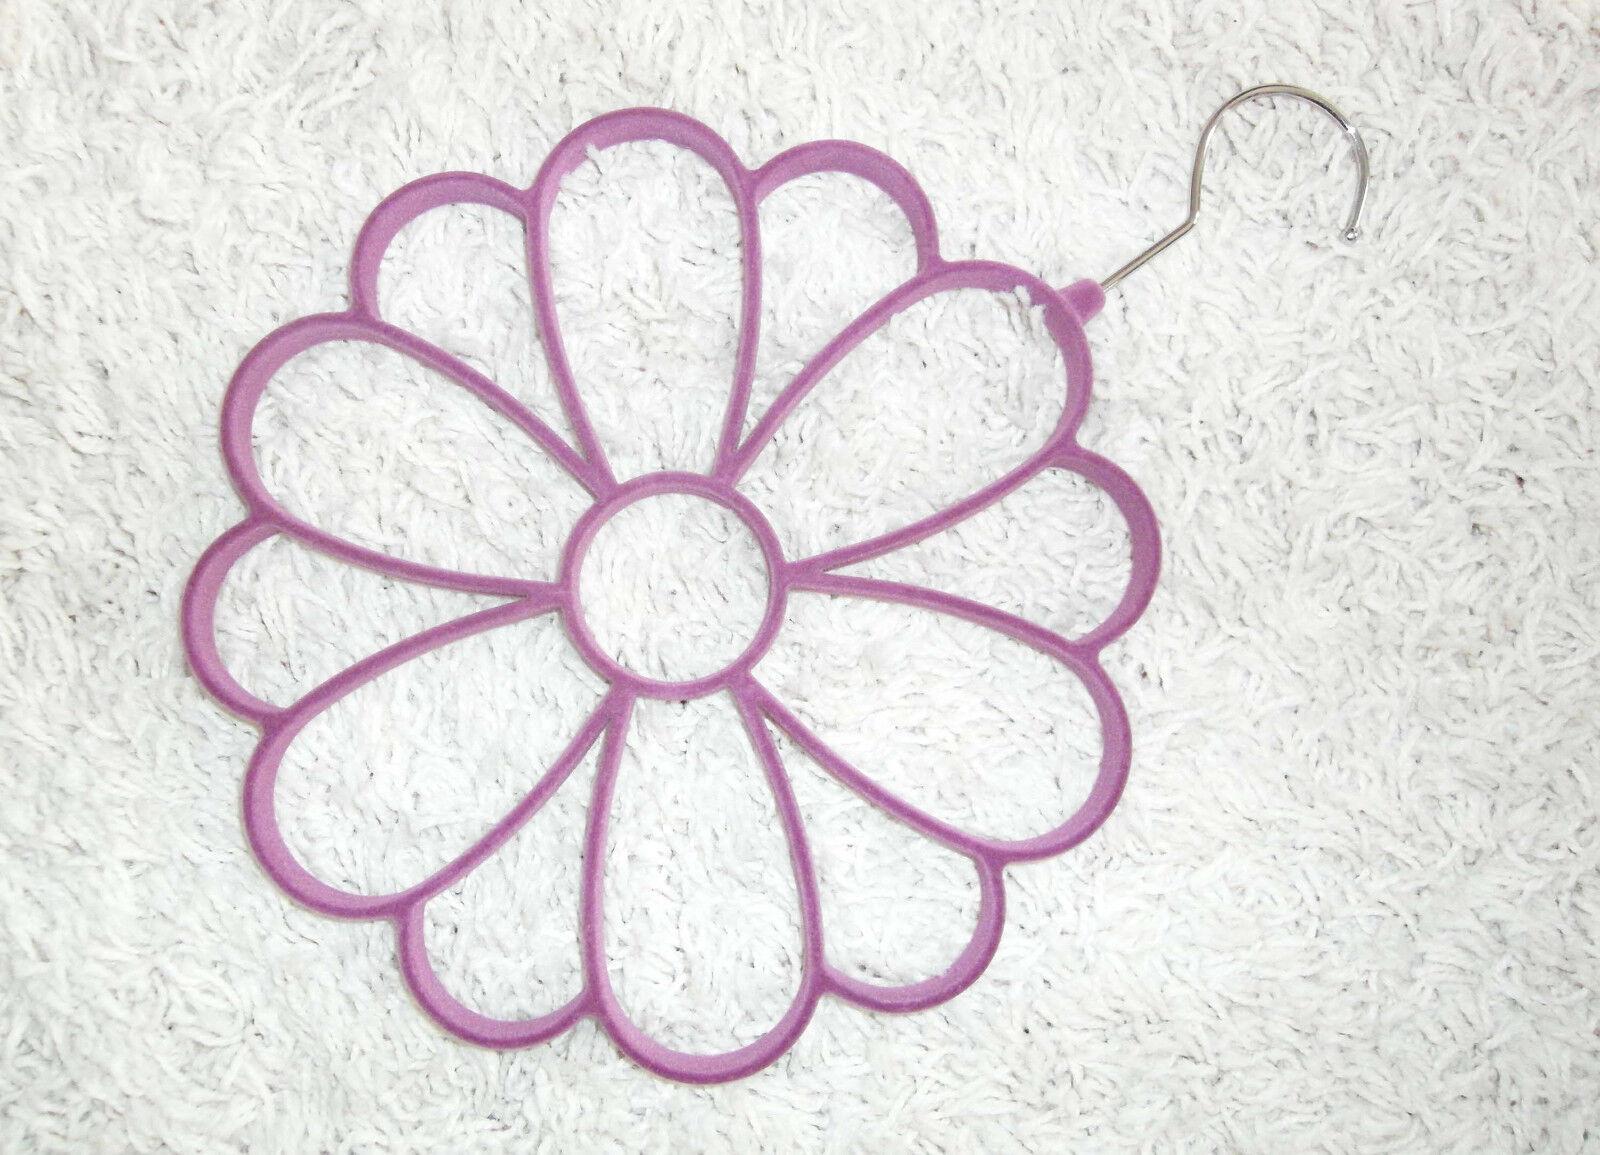 Tchibo Schalbügel, Tuchbügel Accessoires-Bügel, Blumenform, Schalhalter, lila